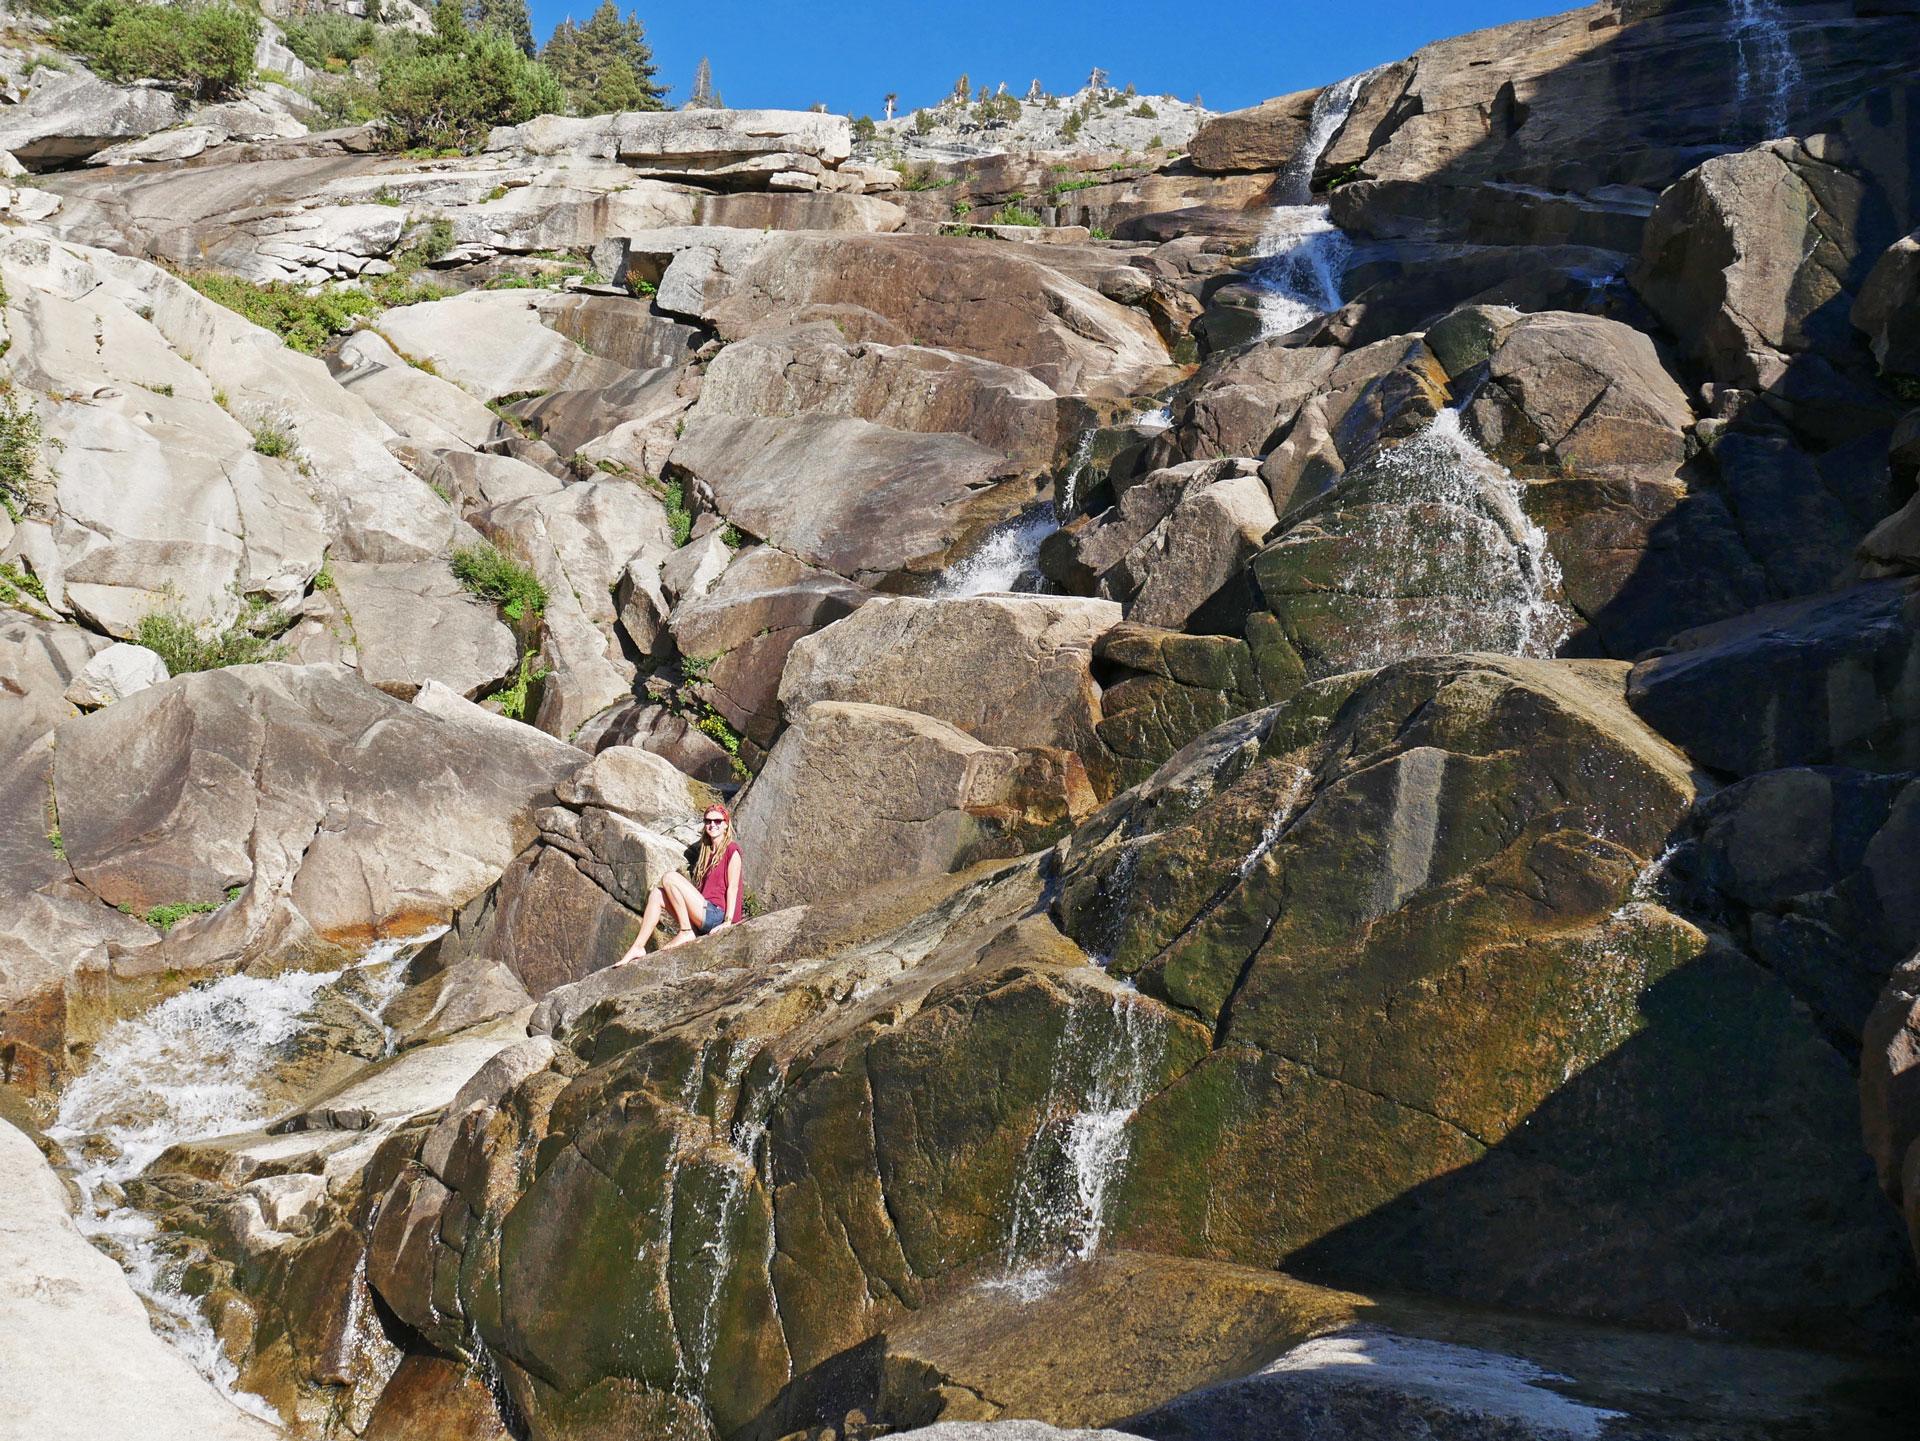 Climbing up Tokopah Falls in Sequoia National Park